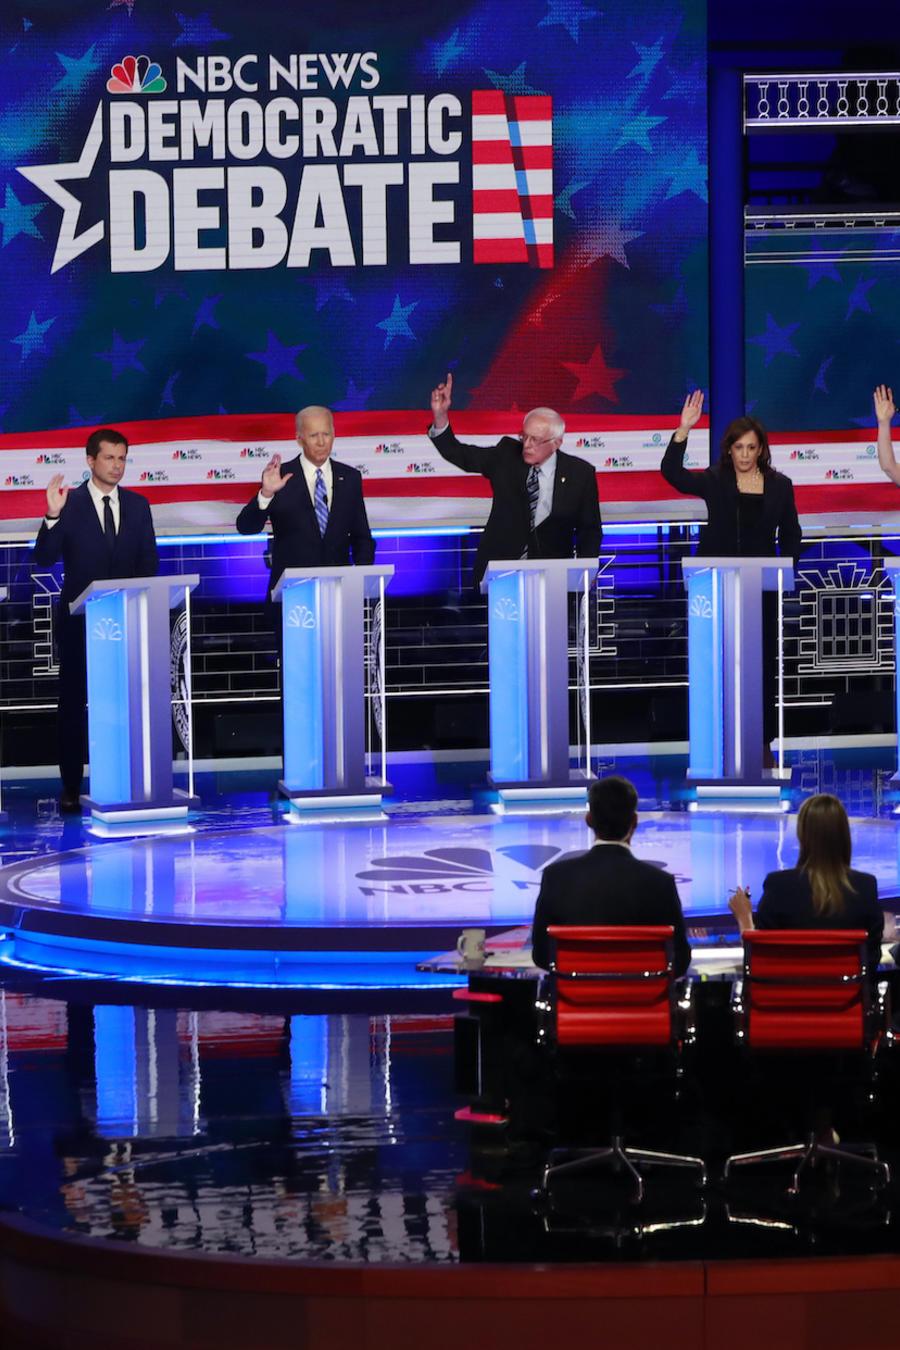 Imagen de archivo del debate presidencial demócrata presentado por las cadenas NBC y Telemundo.